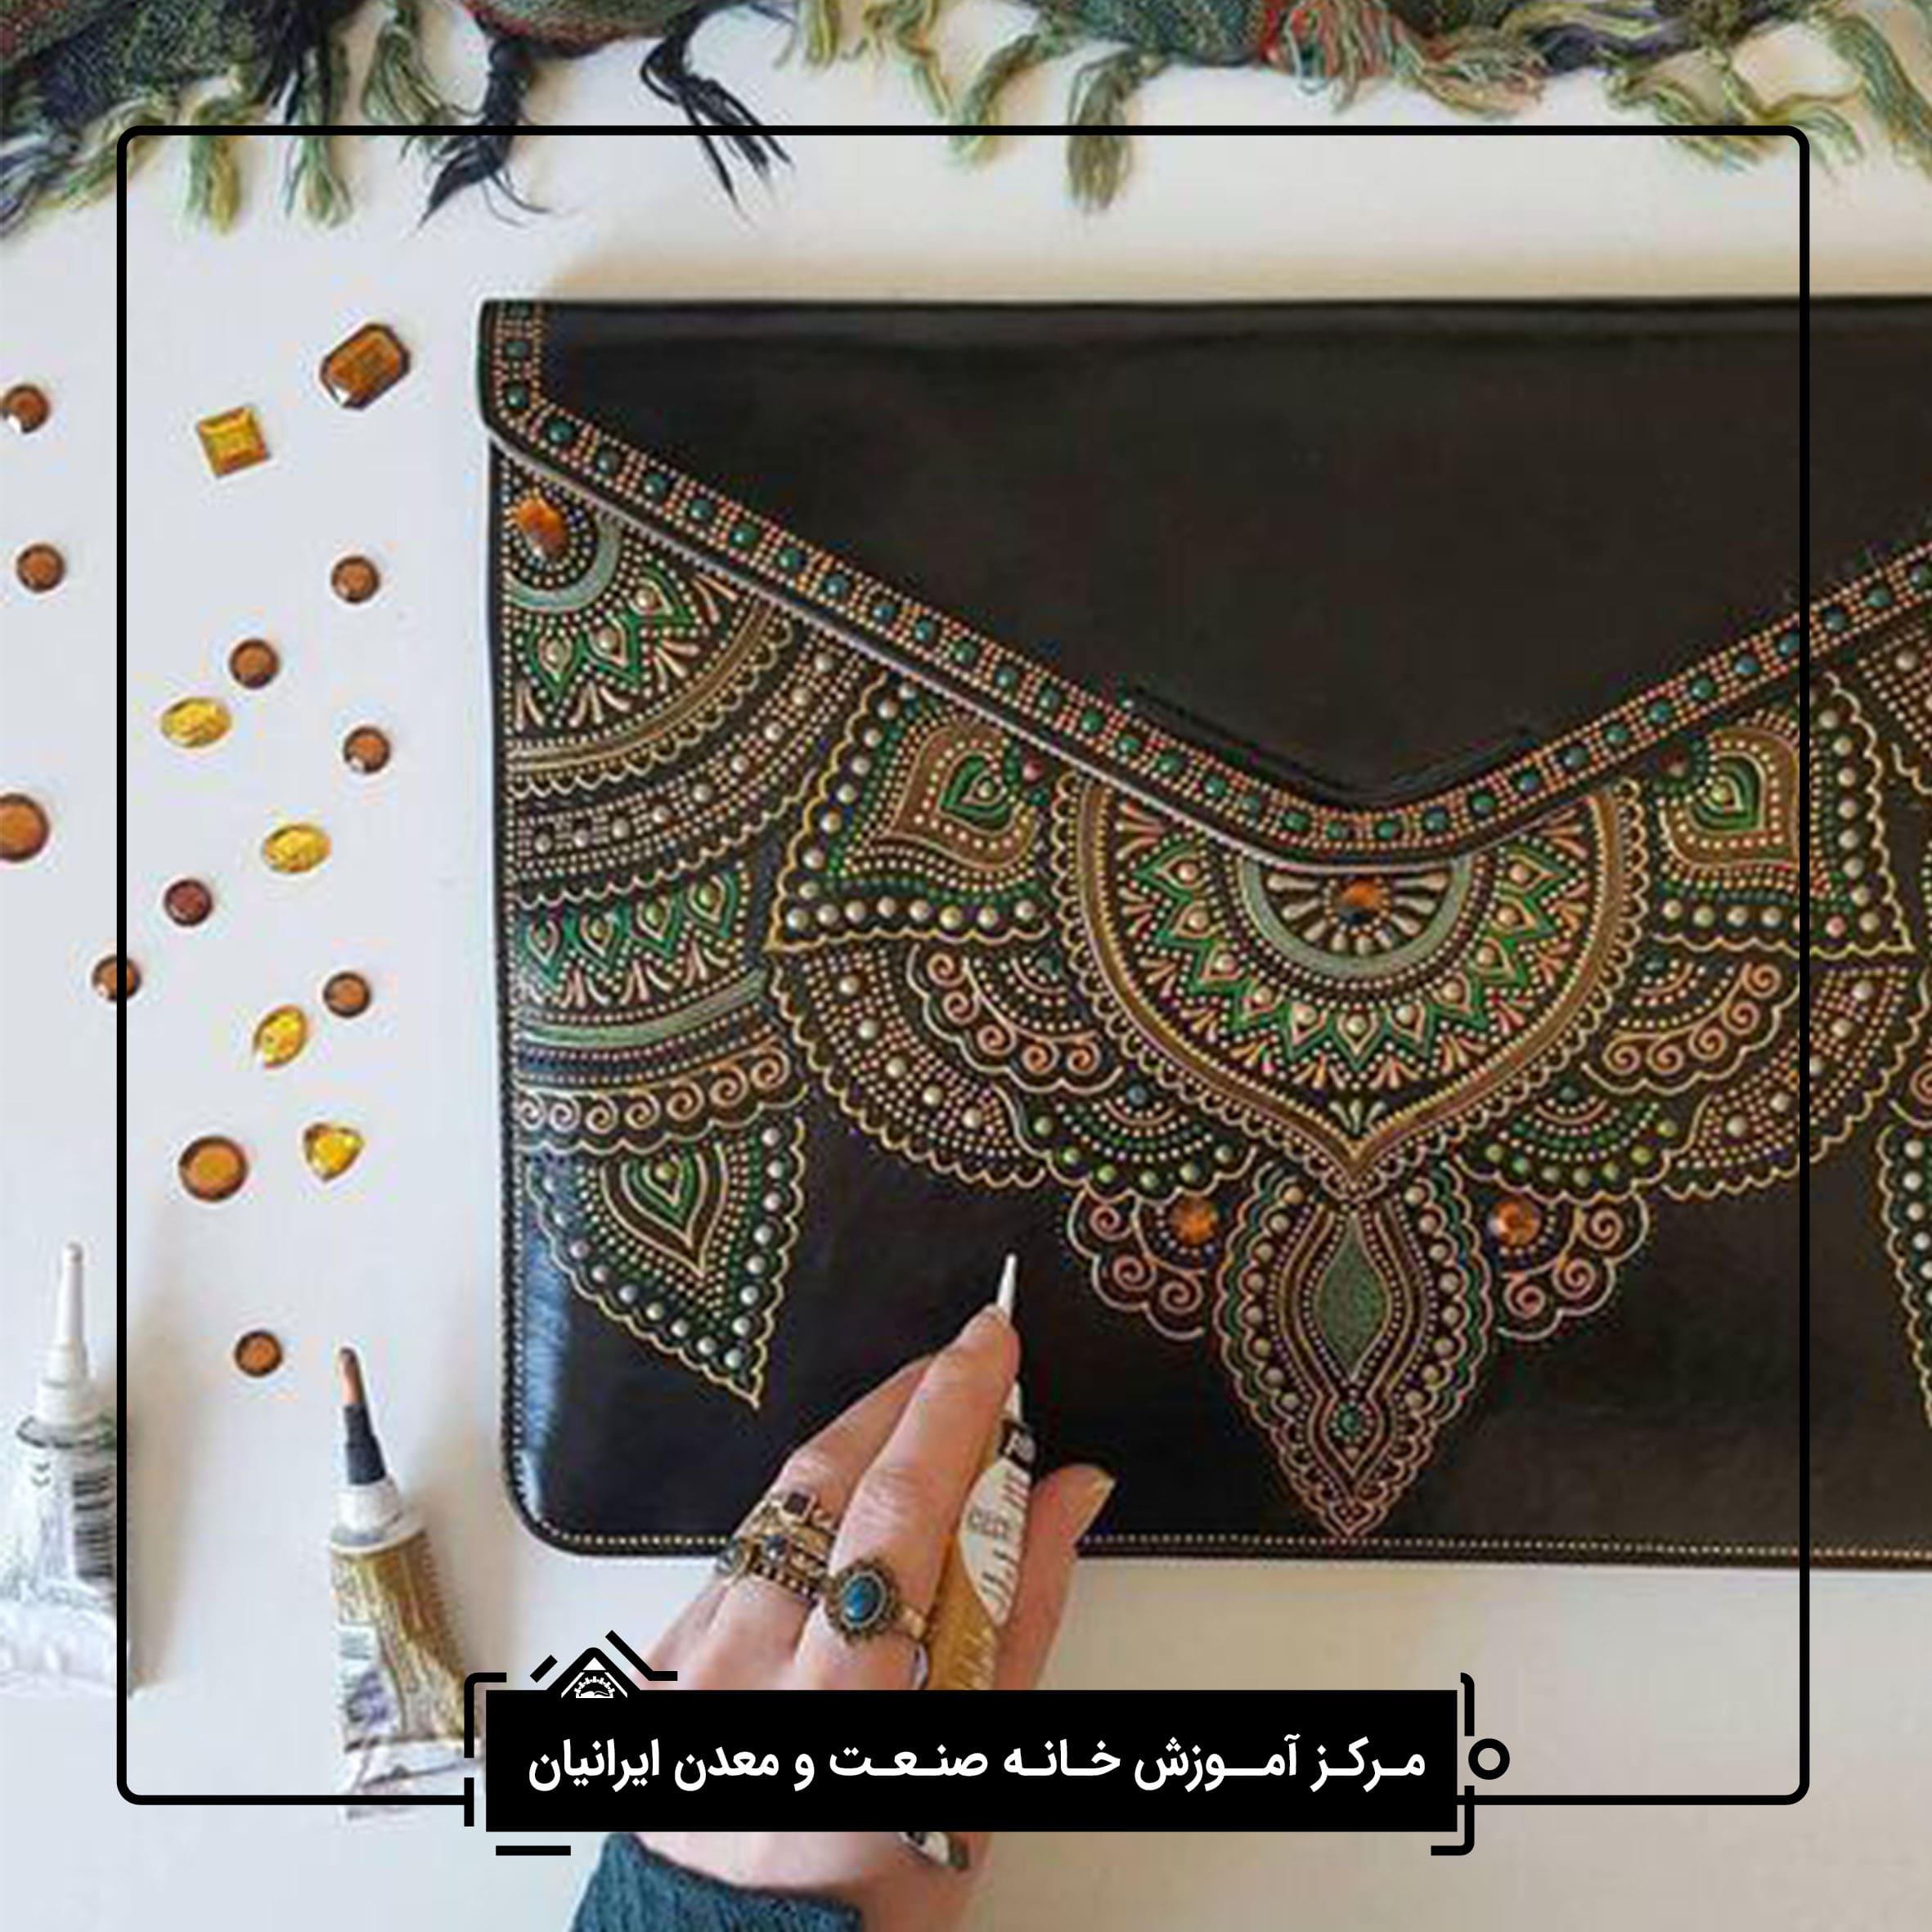 نقطه کوب در شیراز - کارگاه صنایع دستی در شیراز